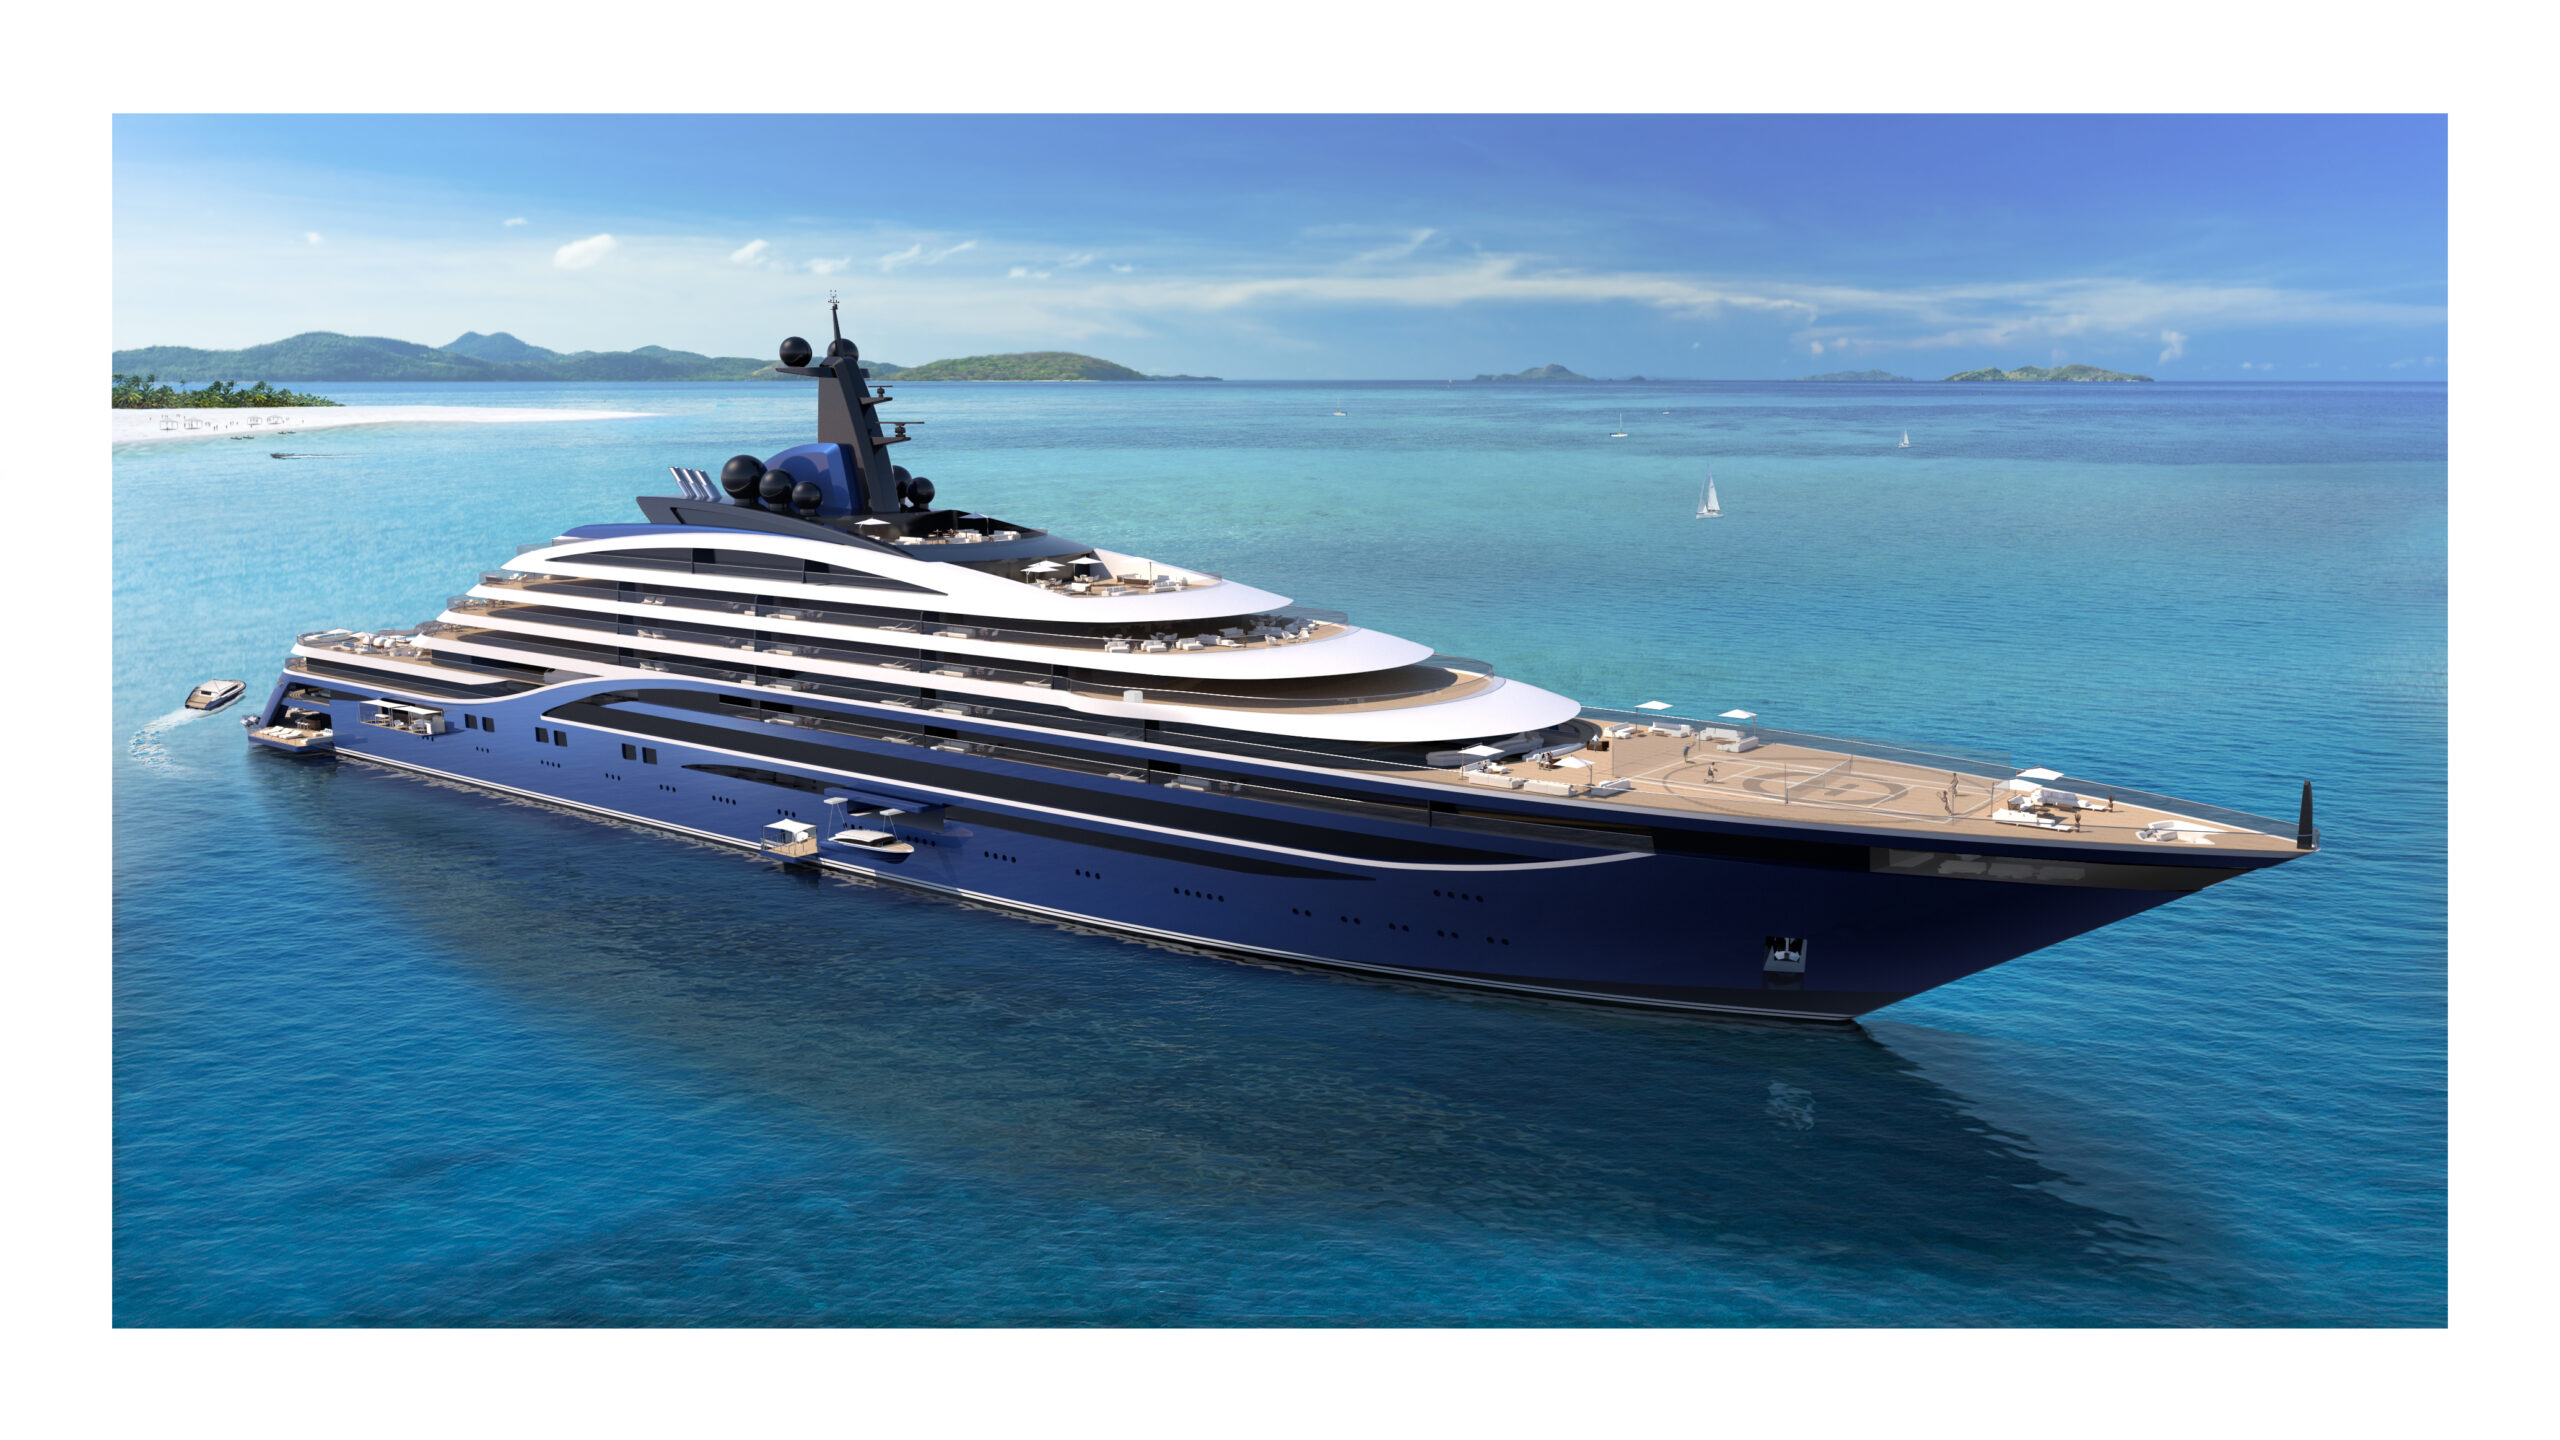 Somnio superyacht anchored